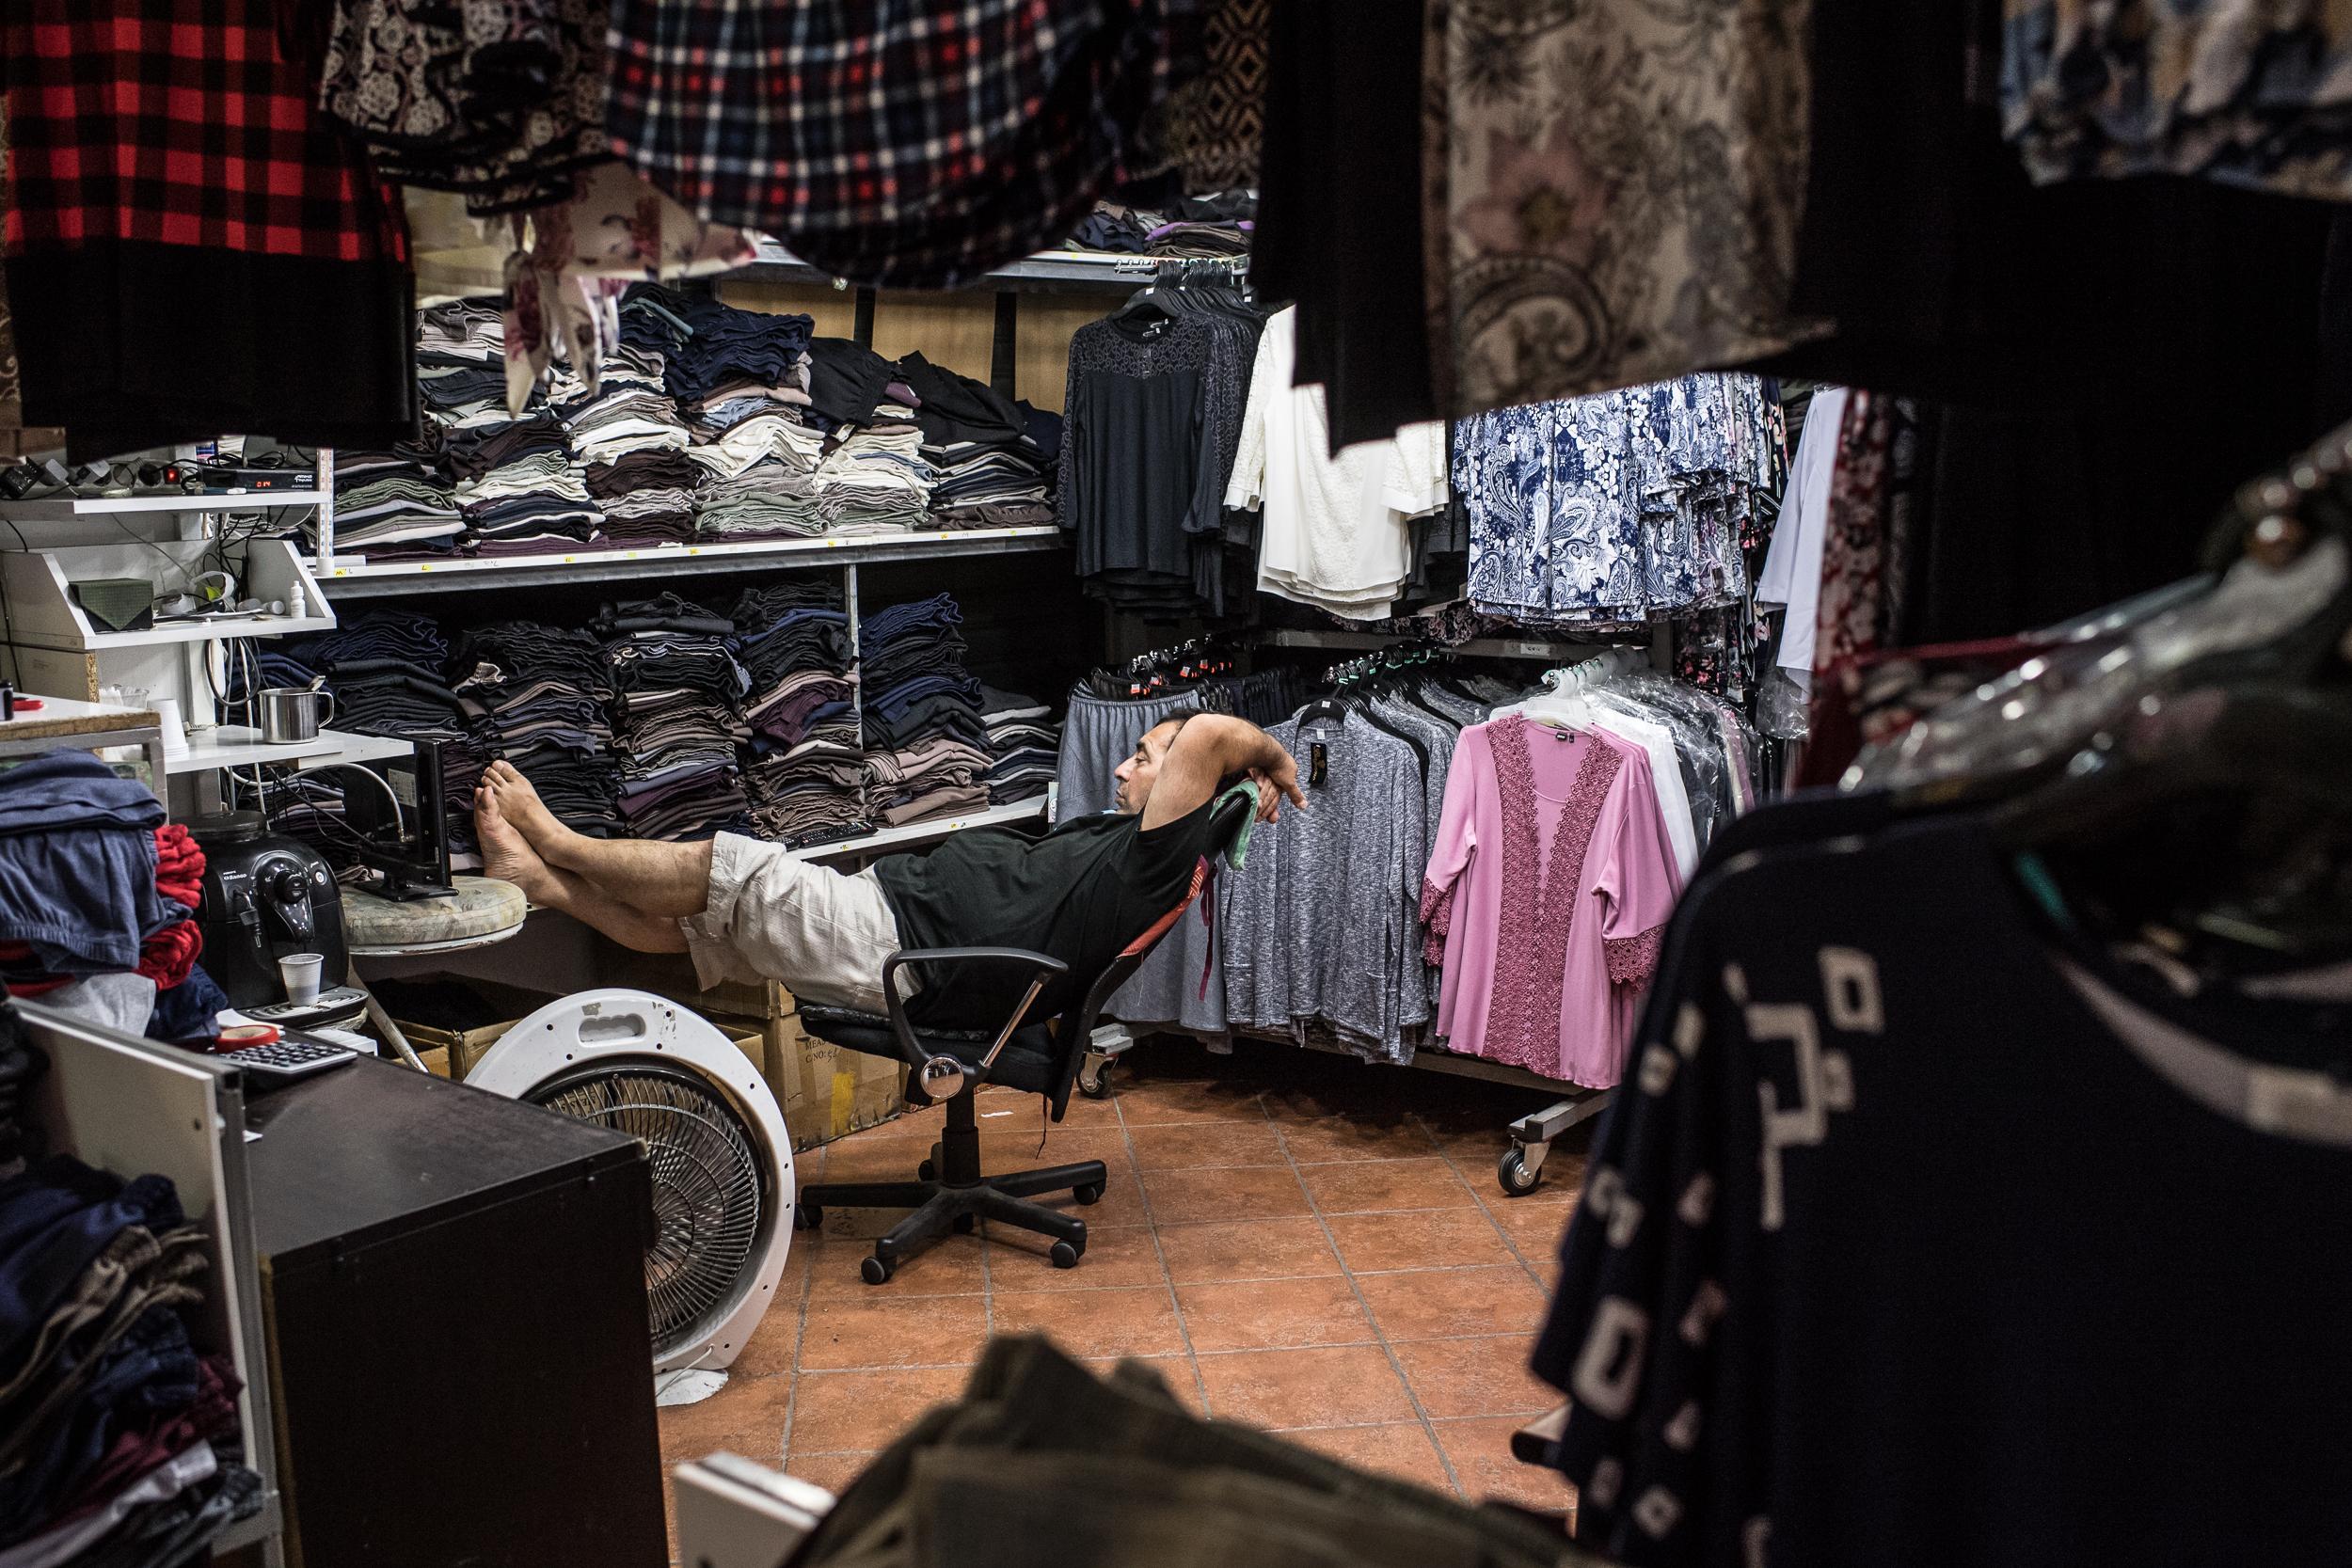 dd53429168 Index - Gazdaság - Bejártuk a budapesti kínaiak zárt világát